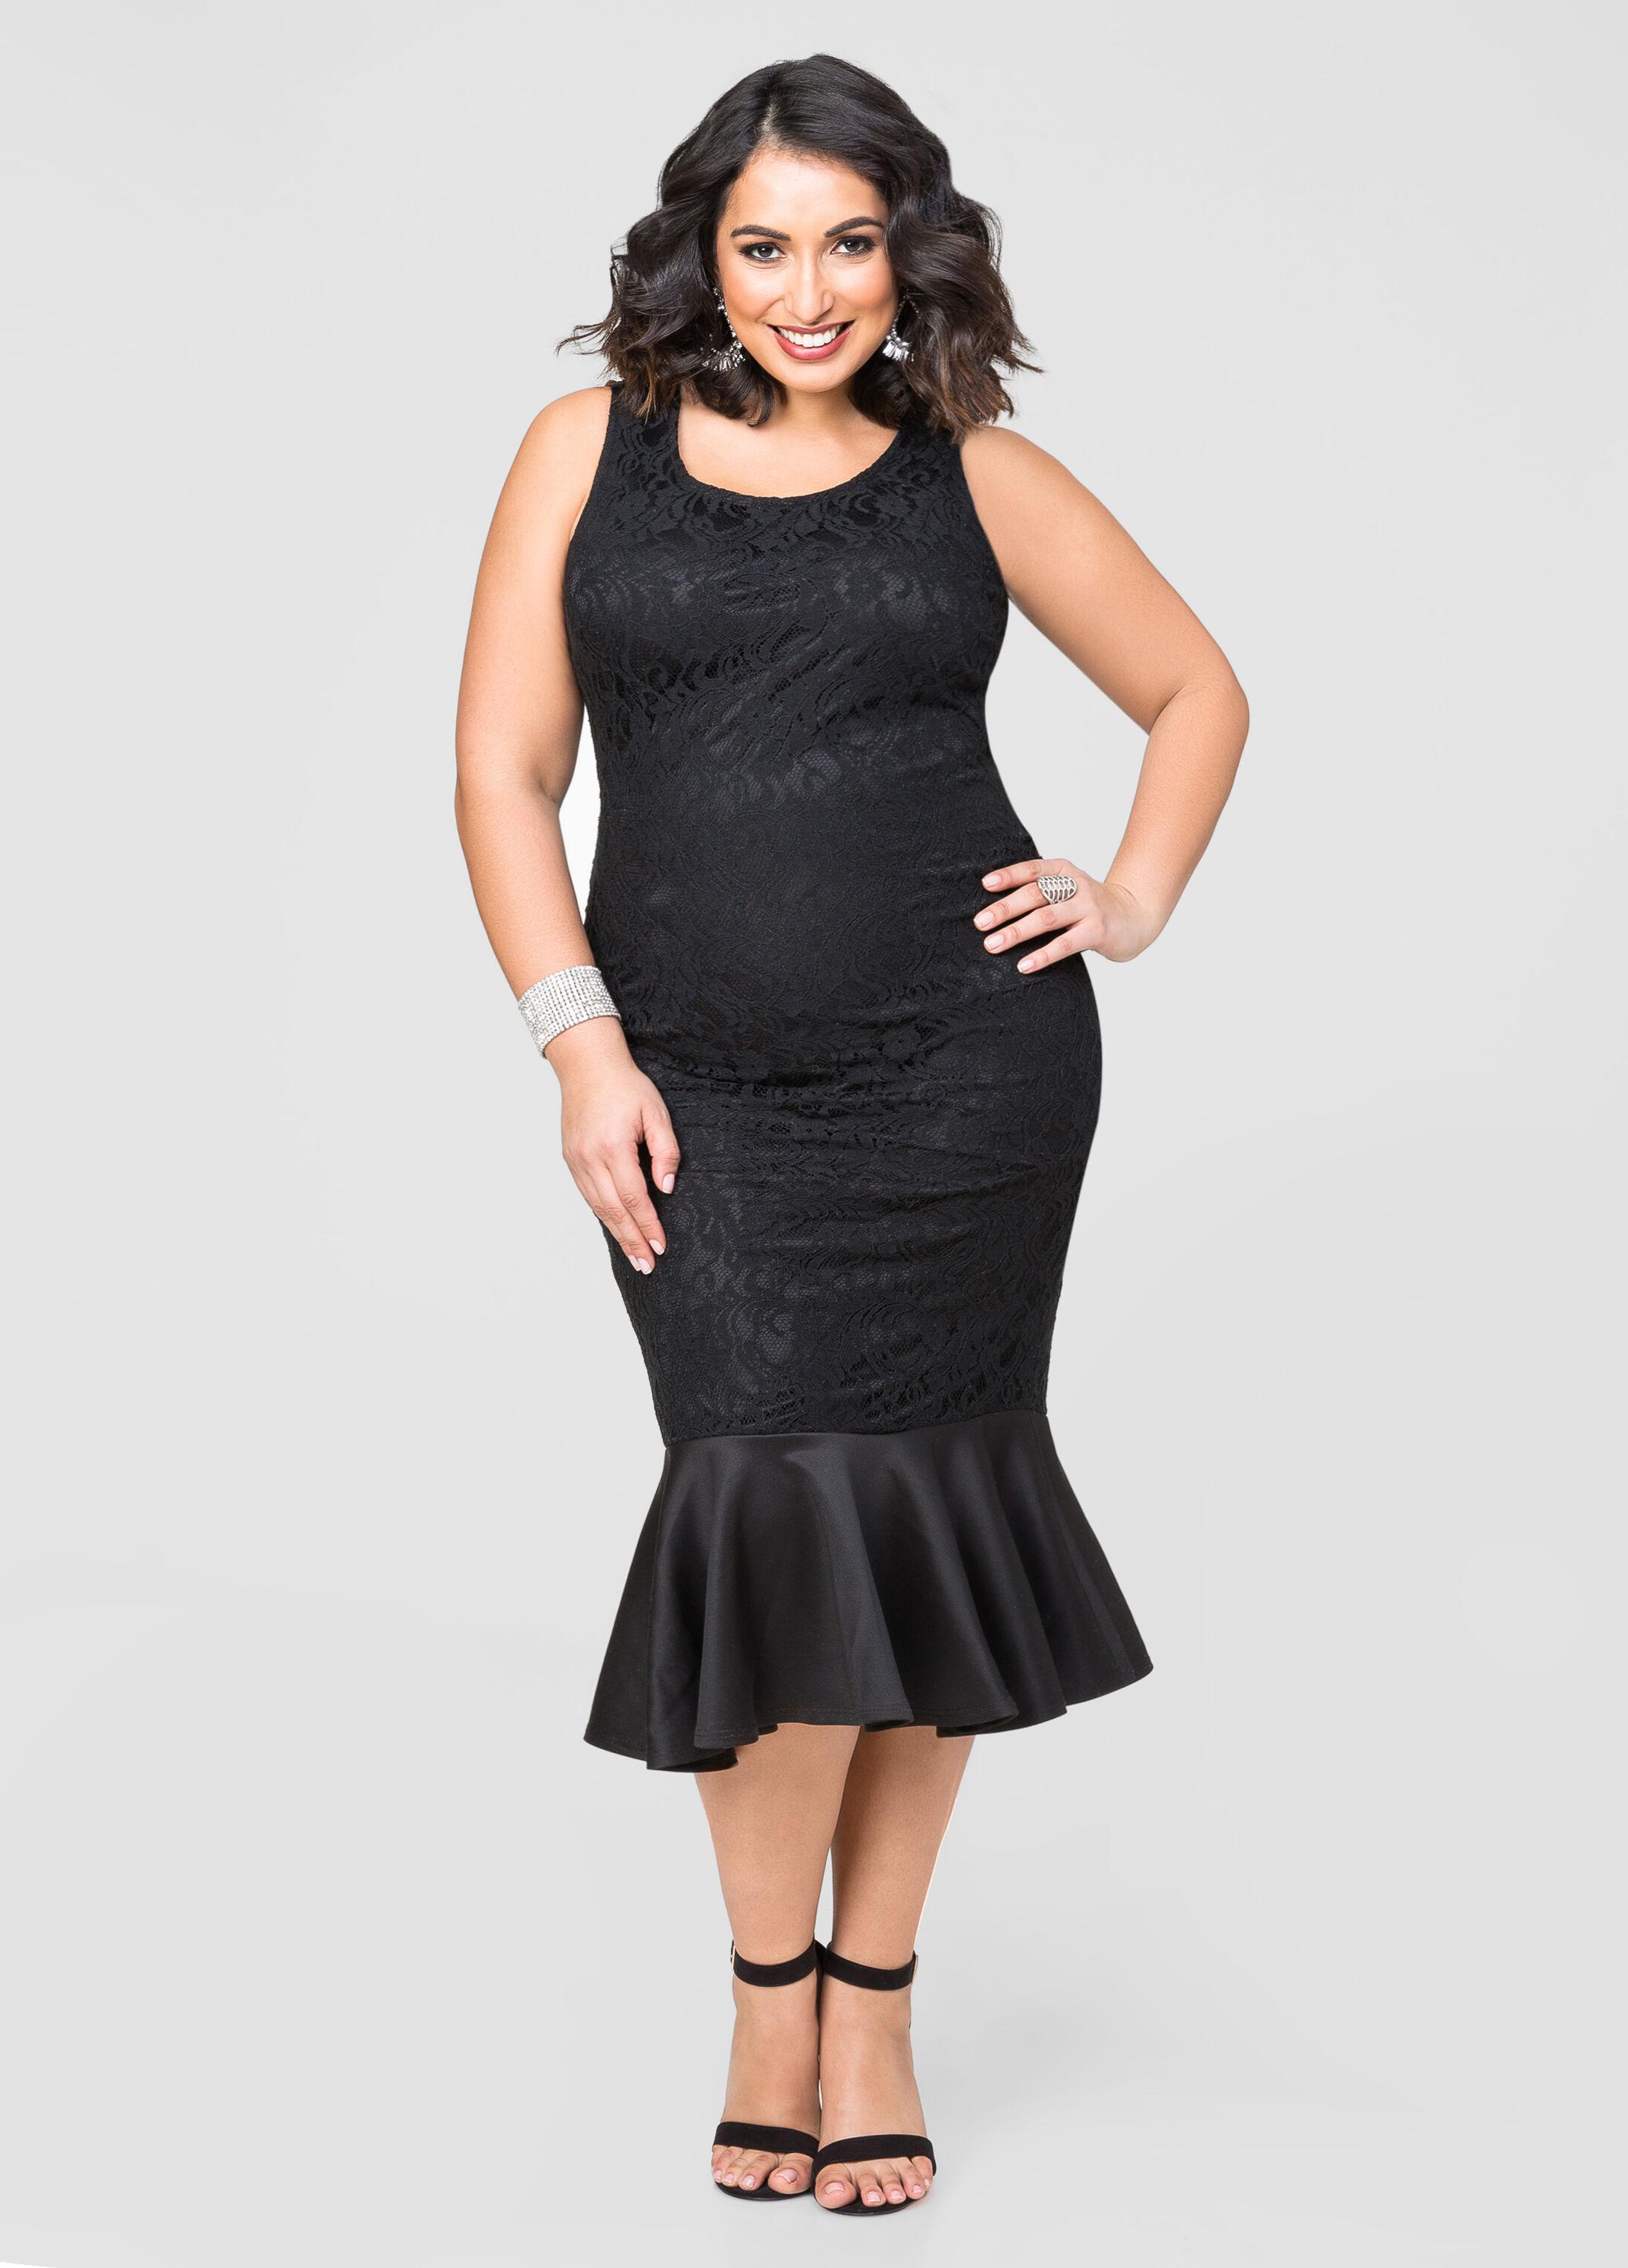 Little Black Dress Size 18 Cocktail Dresses 2016